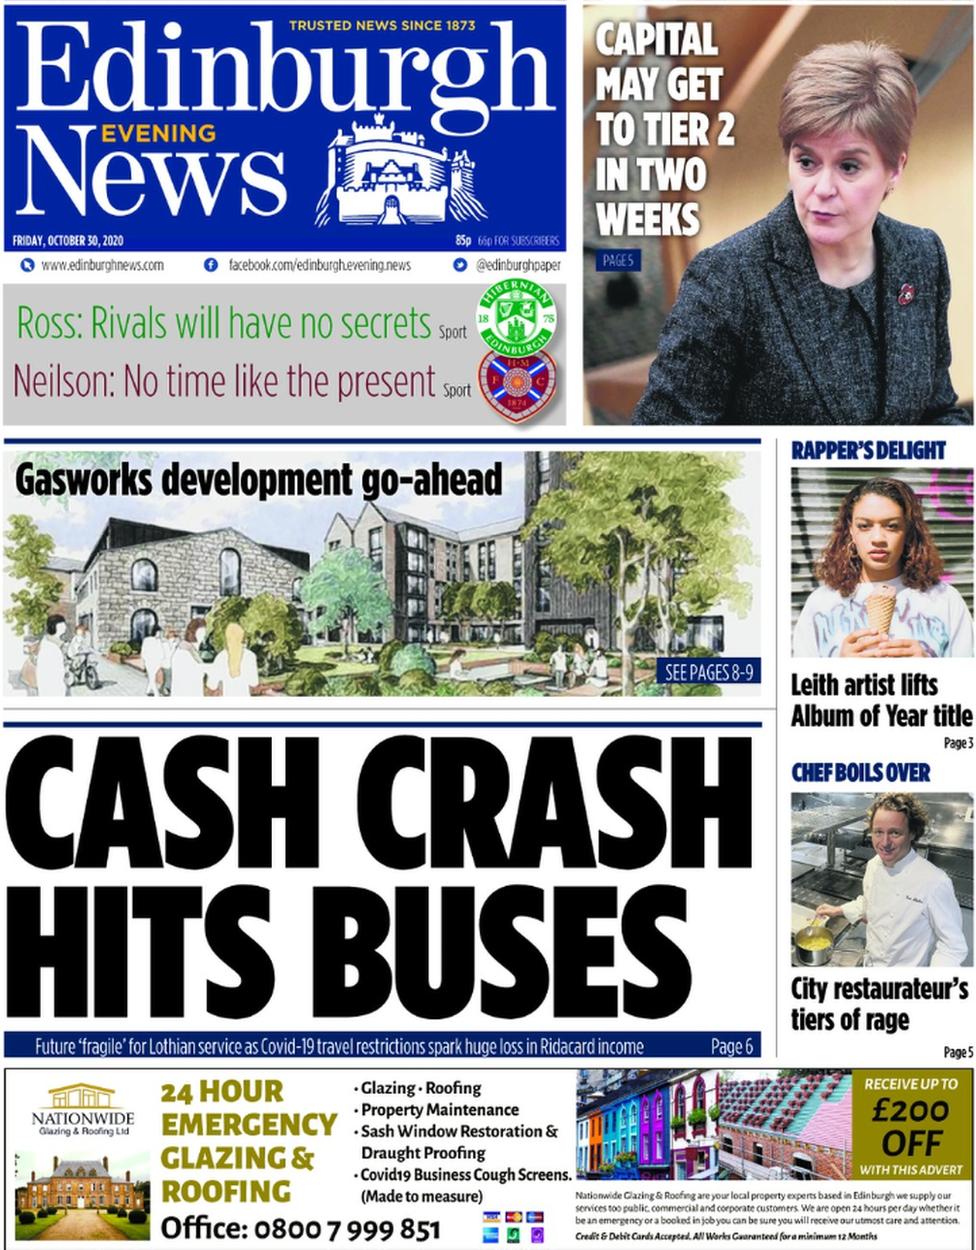 Edinburgh News